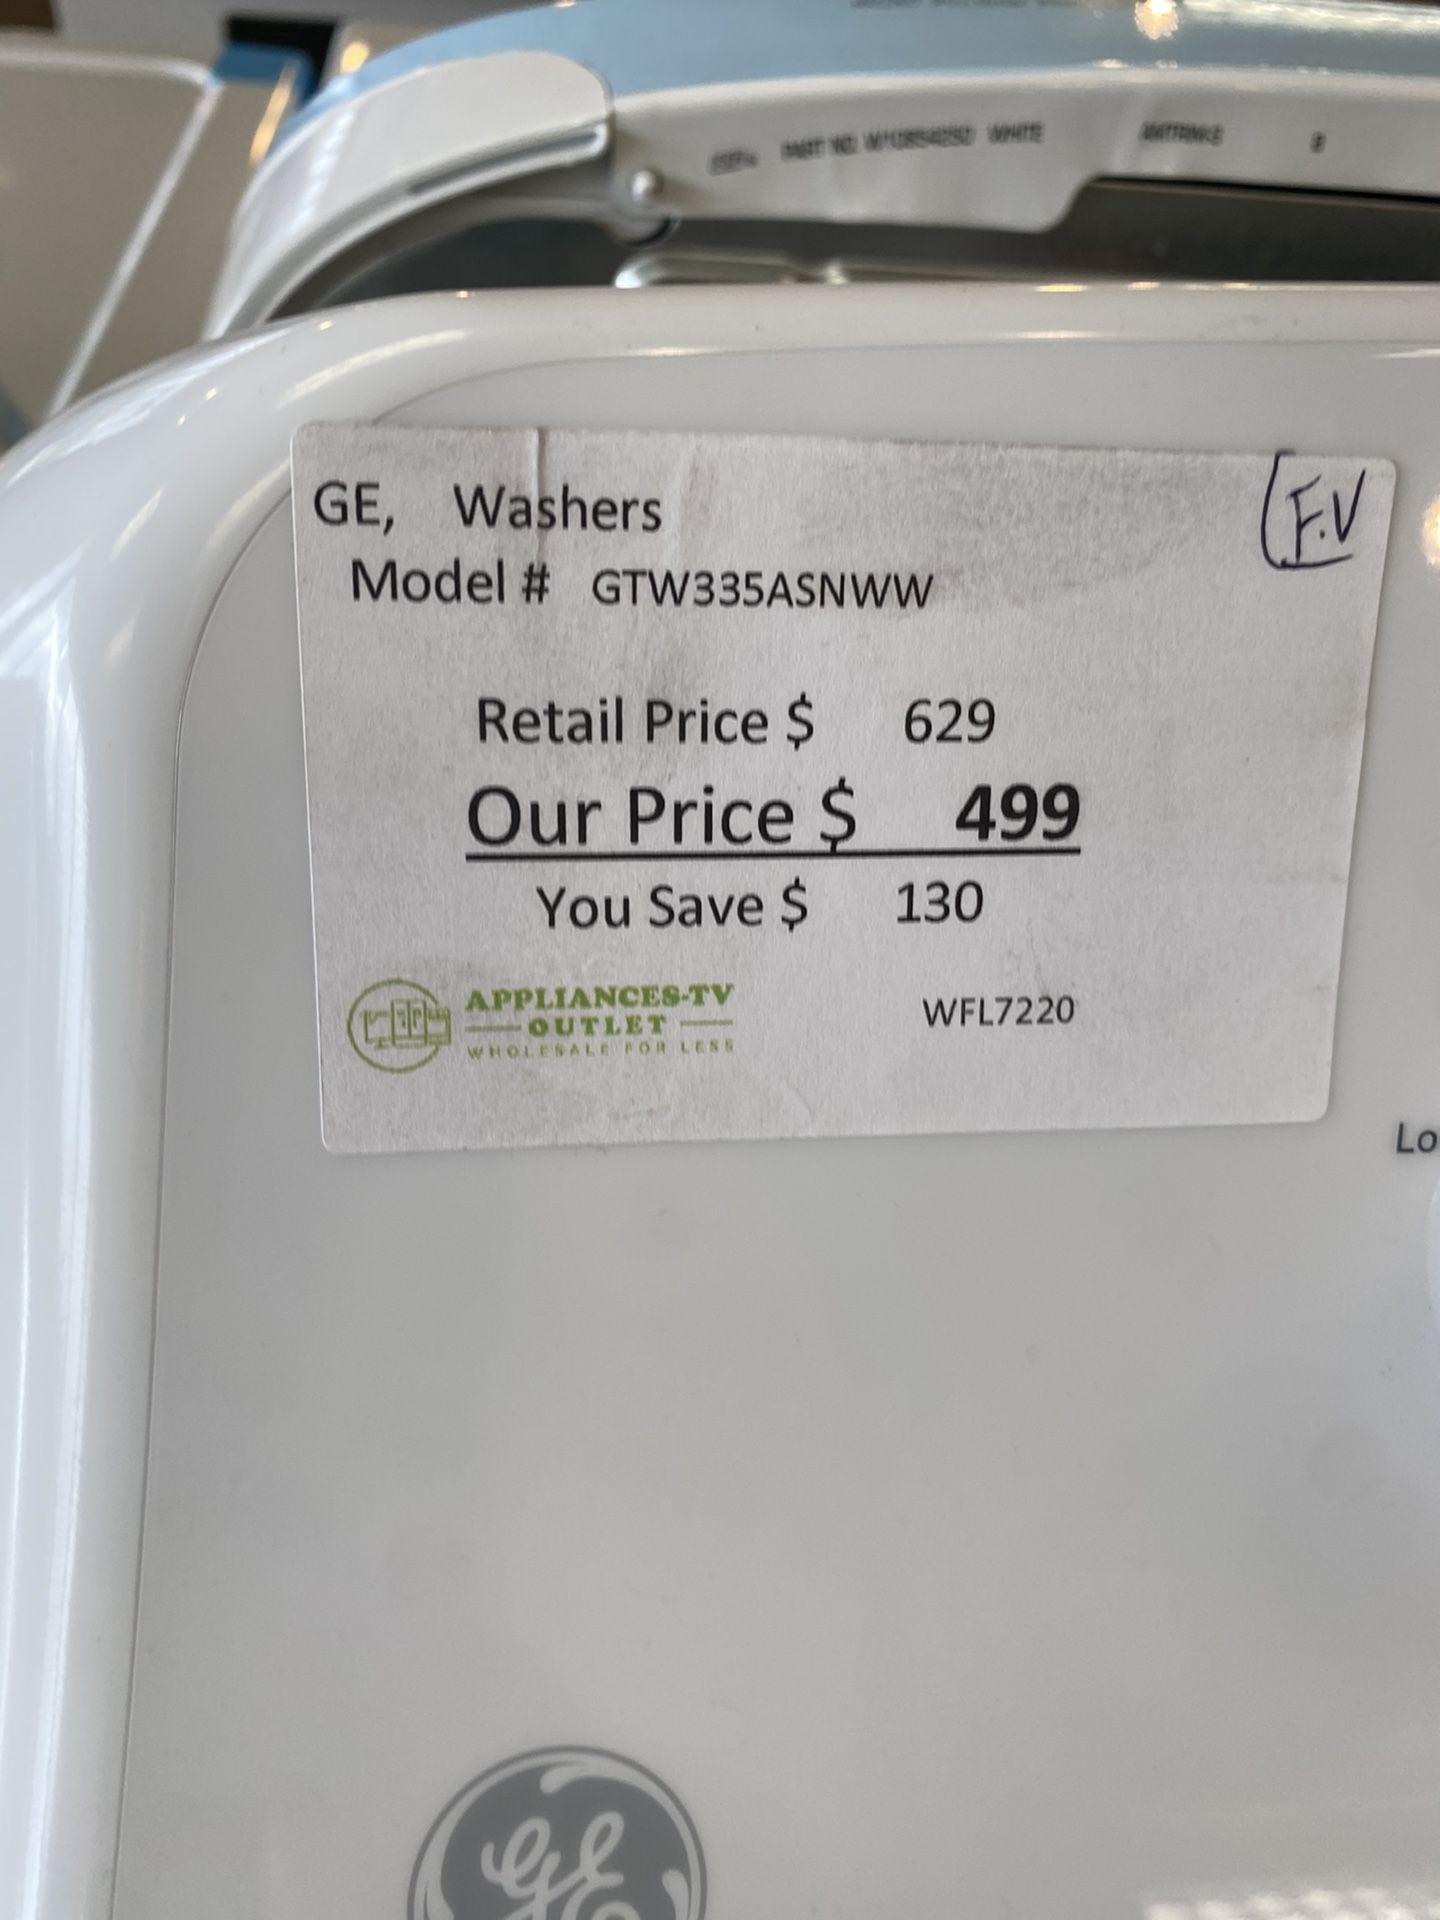 GE Gas Dryer & Washer Set